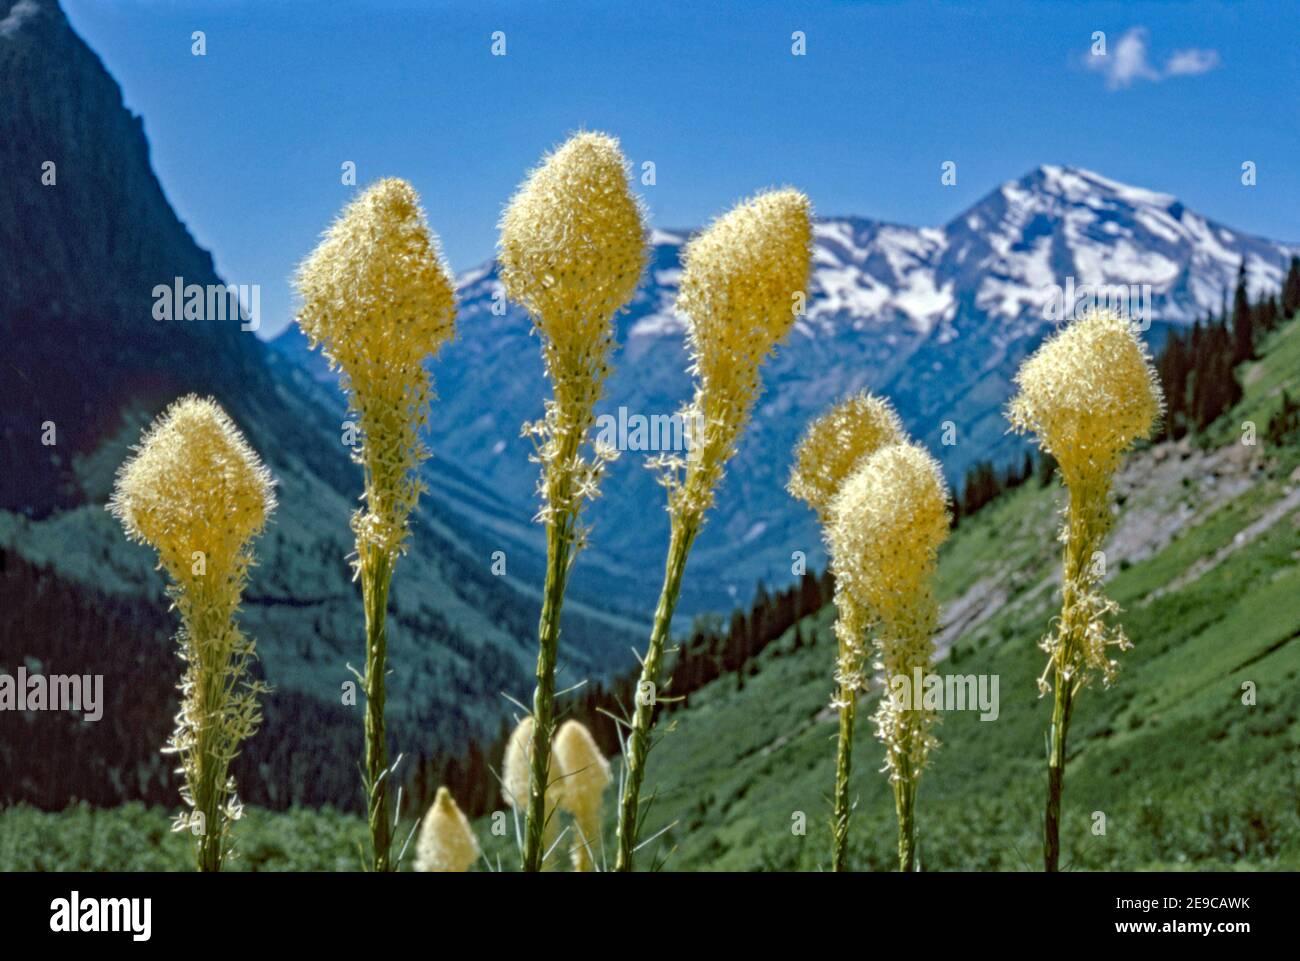 Xérophyllum tenax (herbe à ours, herbe à squaw, herbe à savon, quip-quip, et herbe à panier indienne) dans les montagnes Rocheuses. C'est une espèce nord-américaine de plantes de la famille des nénuphars. Le Xérophyllum tenax a des fleurs avec six sépales et six étamines dans un racéme terminal. La plante peut atteindre 15–150 cm de hauteur. Banque D'Images